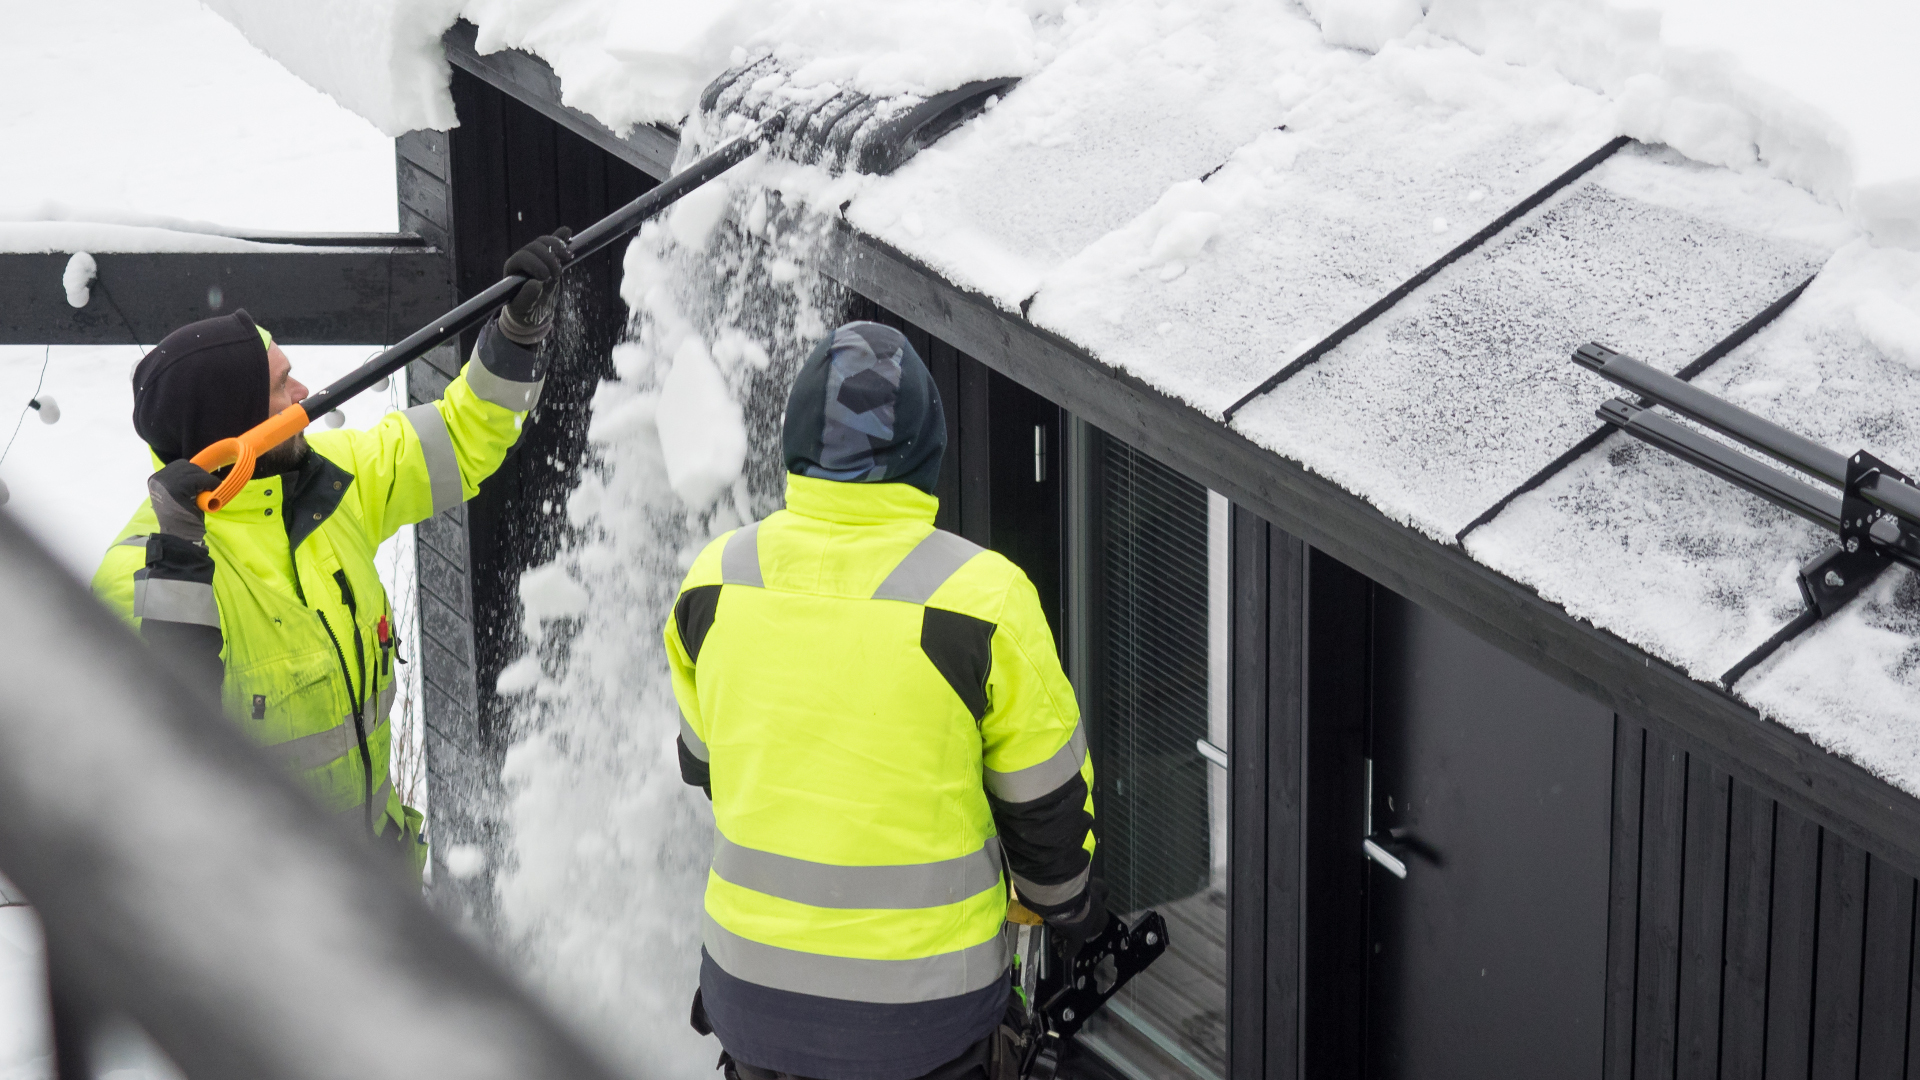 Pohjoisen olosuhteissa lumiesteet suojaavat sadevesijärjestelmää. Asennus onnistuu talvellakin.